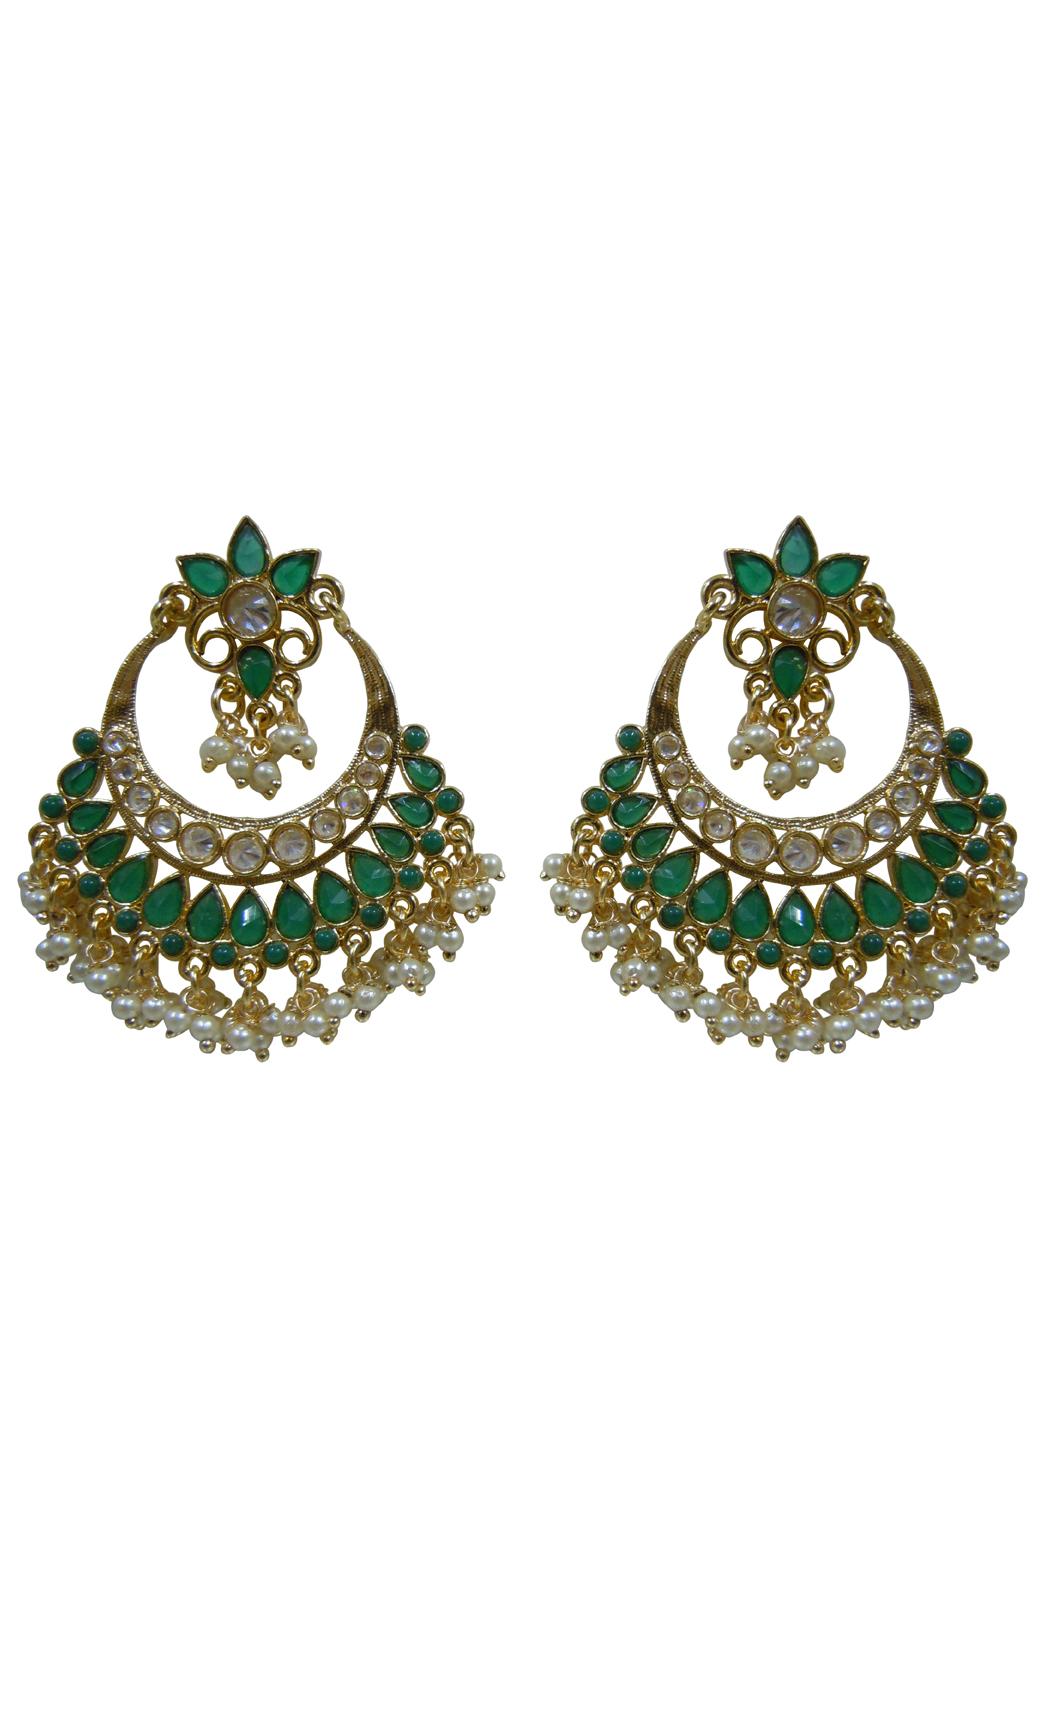 Emerald Chandbali Earrings - Shop Online